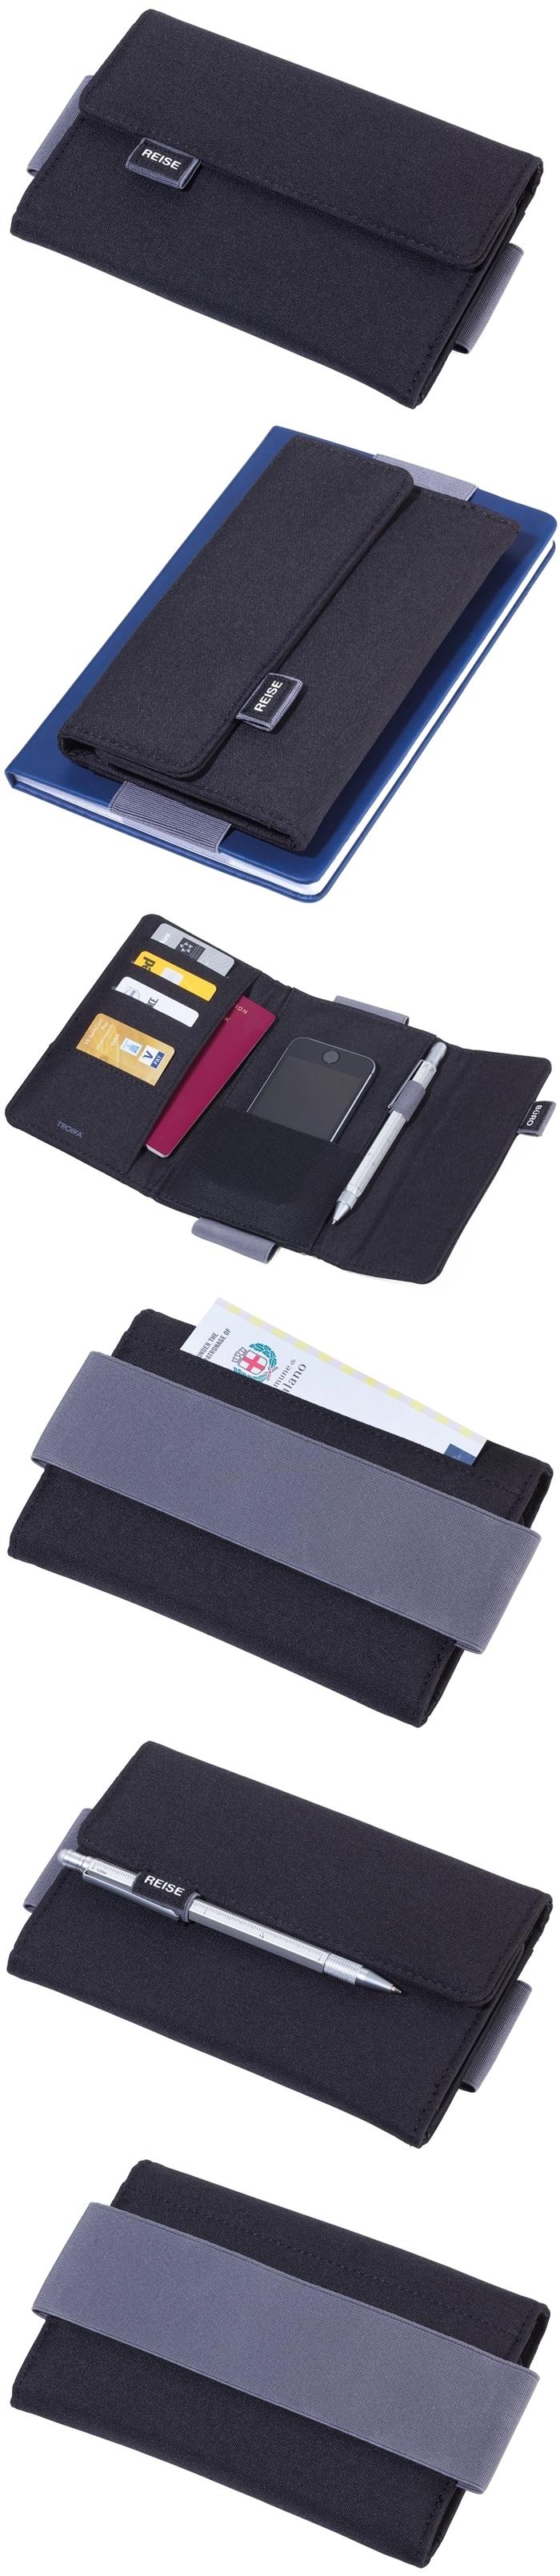 德國TROIKA|手拿包收納包多功能包 ( 大小18x12cm ; TRV55系列)